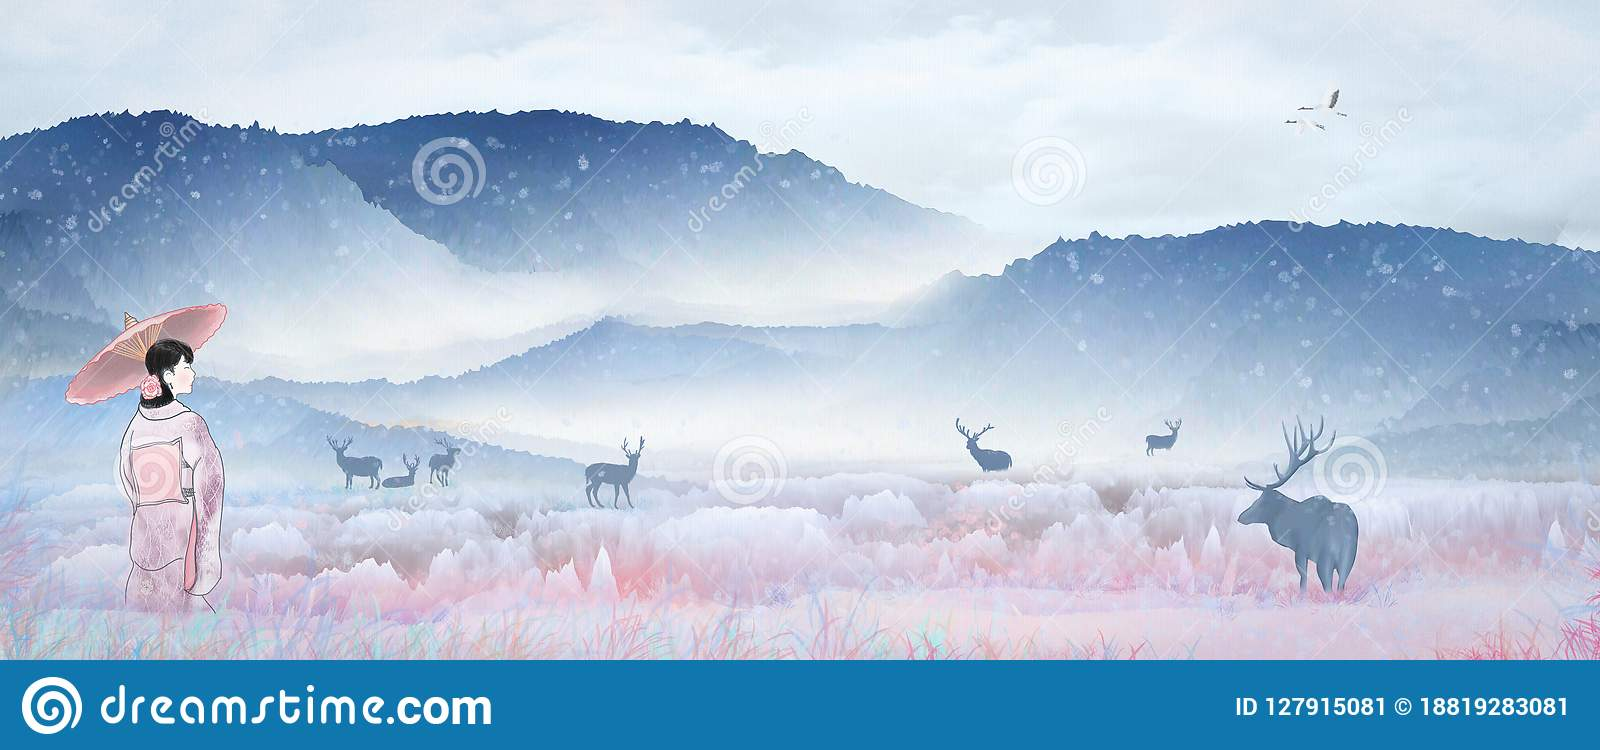 Fille japonaise de kimono d illustration jouant dans le paysage de royaume des fées, cerf commun de sika de neige se reposant au